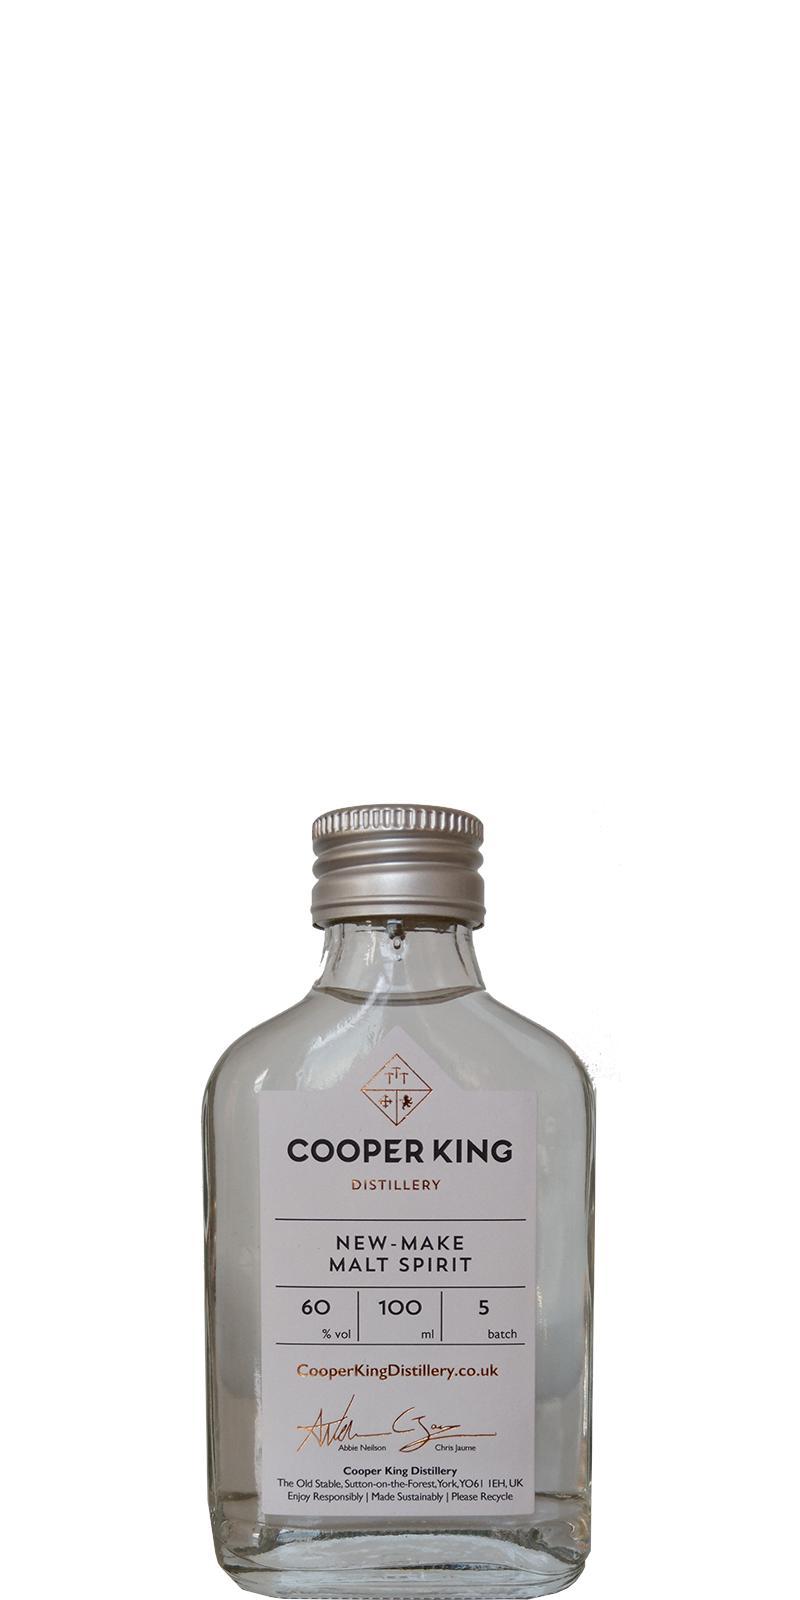 Cooper King New-Make